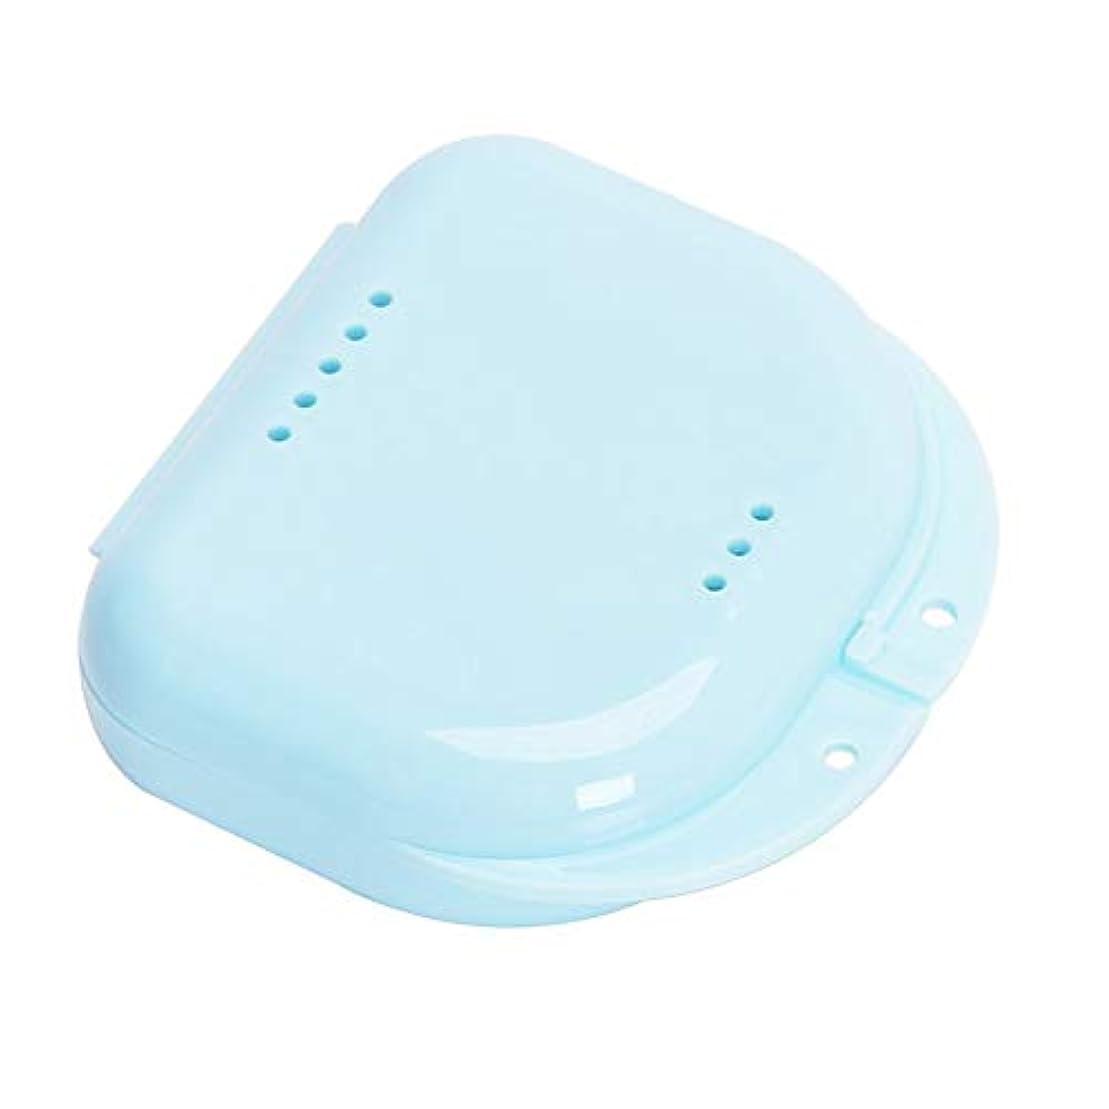 光沢のある切り下げ押し下げるOrient Direct オフィス/旅行/世帯のための歯の保持器の箱の無作為色の義歯の容器